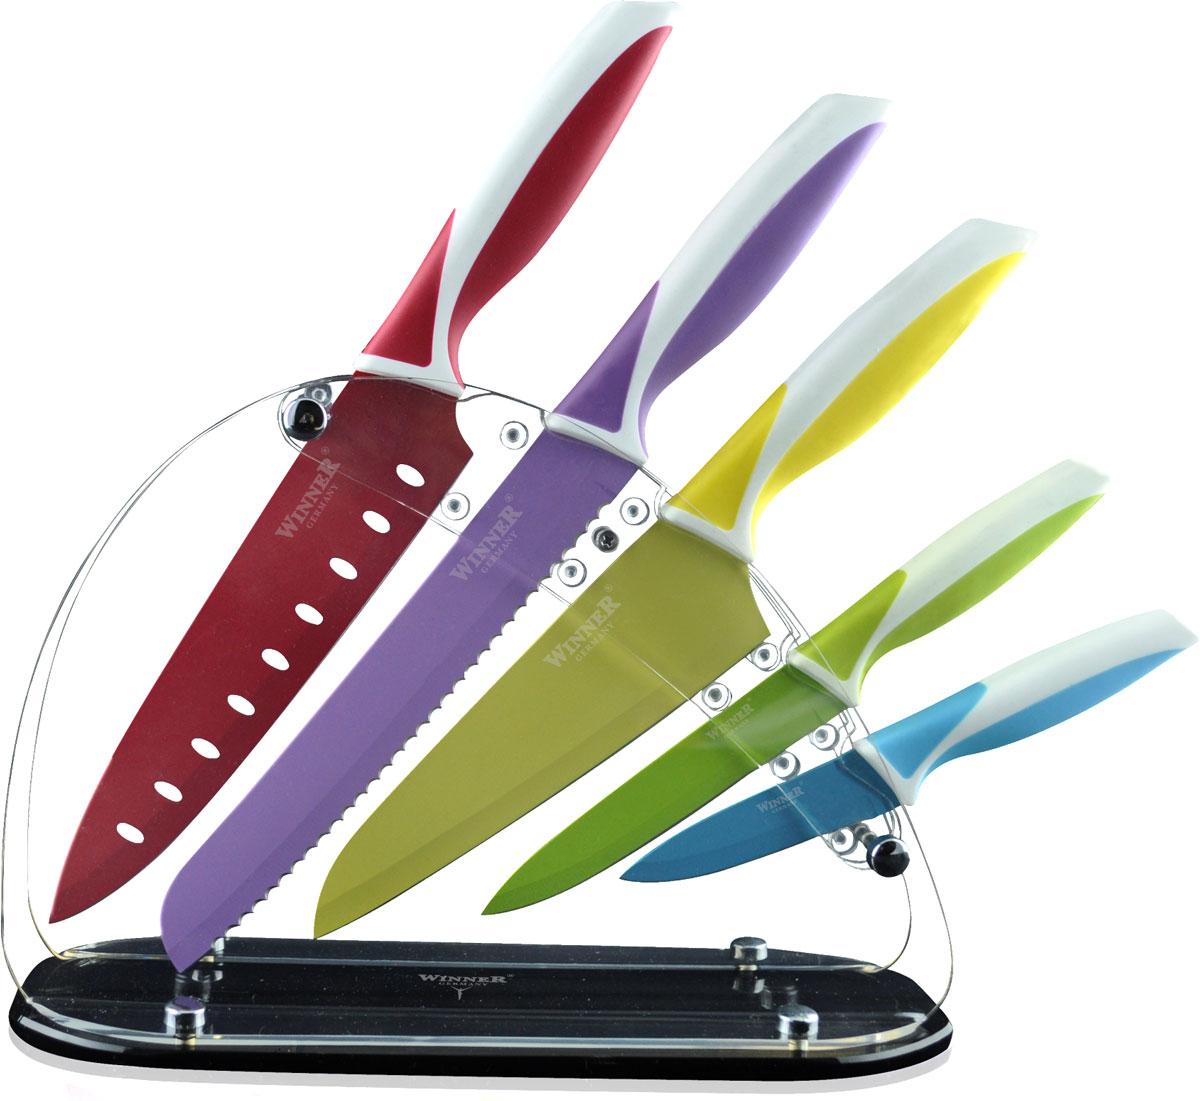 Набор ножей Winner, на подставке, 6 предметовWR-7328Набор Winner состоит из ножа поварского, ножа для резки хлеба, ножа сантоку, ножа универсального и ножа для чистки овощей. Ножи изготовлены из высококачественной нержавеющей стали. Они имеют острые лезвия, а благодаря специальному покрытию они держат заводскую заточку в несколько раз дольше, чем обычные стальные ножи. Продукты, которые вы нарезаете такими ножами, не прилипают к лезвию ножа, не вступают в химическую реакцию, не окисляются и не намагничиваются. Эргономичная рукоятка ножей выполнена из высококачественного прорезиненного пластика. Рукоятка не скользит в руках и делает резку удобной и безопасной. В комплект входит акриловая подставка для хранения ножей.Этот набор будет служить вам многие годы при соблюдении простых правил.Общая длина ножа поварского: 32 см.Длина лезвия ножа поварского: 19,5 см.Общая длина ножа для резки хлеба: 32 см.Длина лезвия ножа для резки хлеба: 20,5 см.Общая длина ножа сантоку: 30 см.Длина лезвия ножа сантоку: 16,5 см.Общая длина ножа универсального: 23 см.Длина лезвия ножа универсального: 12,7 см.Общая длина ножа для чистки: 19,5 см.Длина лезвия ножа для чистки: 9 см.